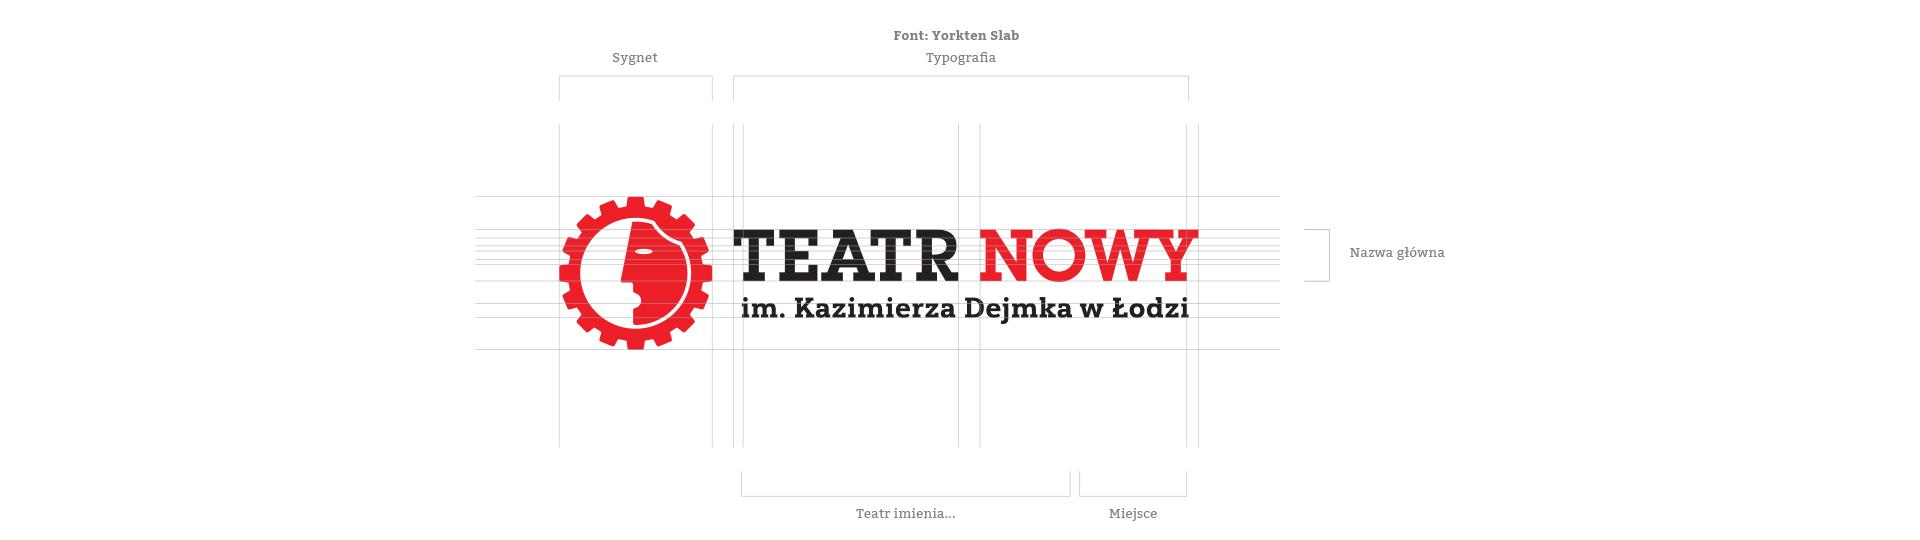 Logo Teatr Nowy im. Kazimierza Dejmka w Łodzi